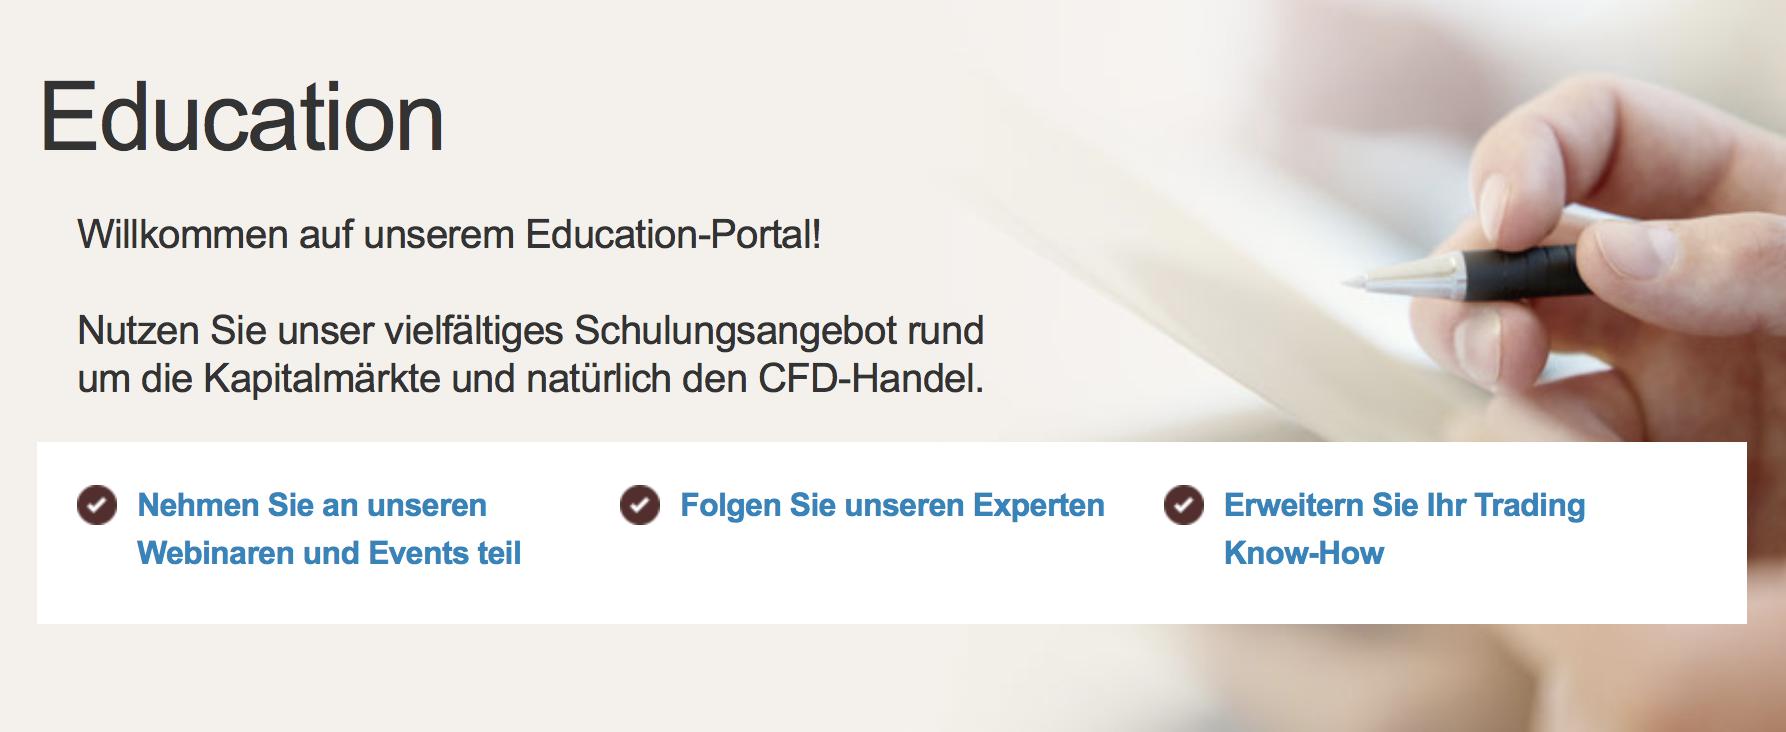 IG bietet Tradern ein Education-Portal zur Weiterbildung